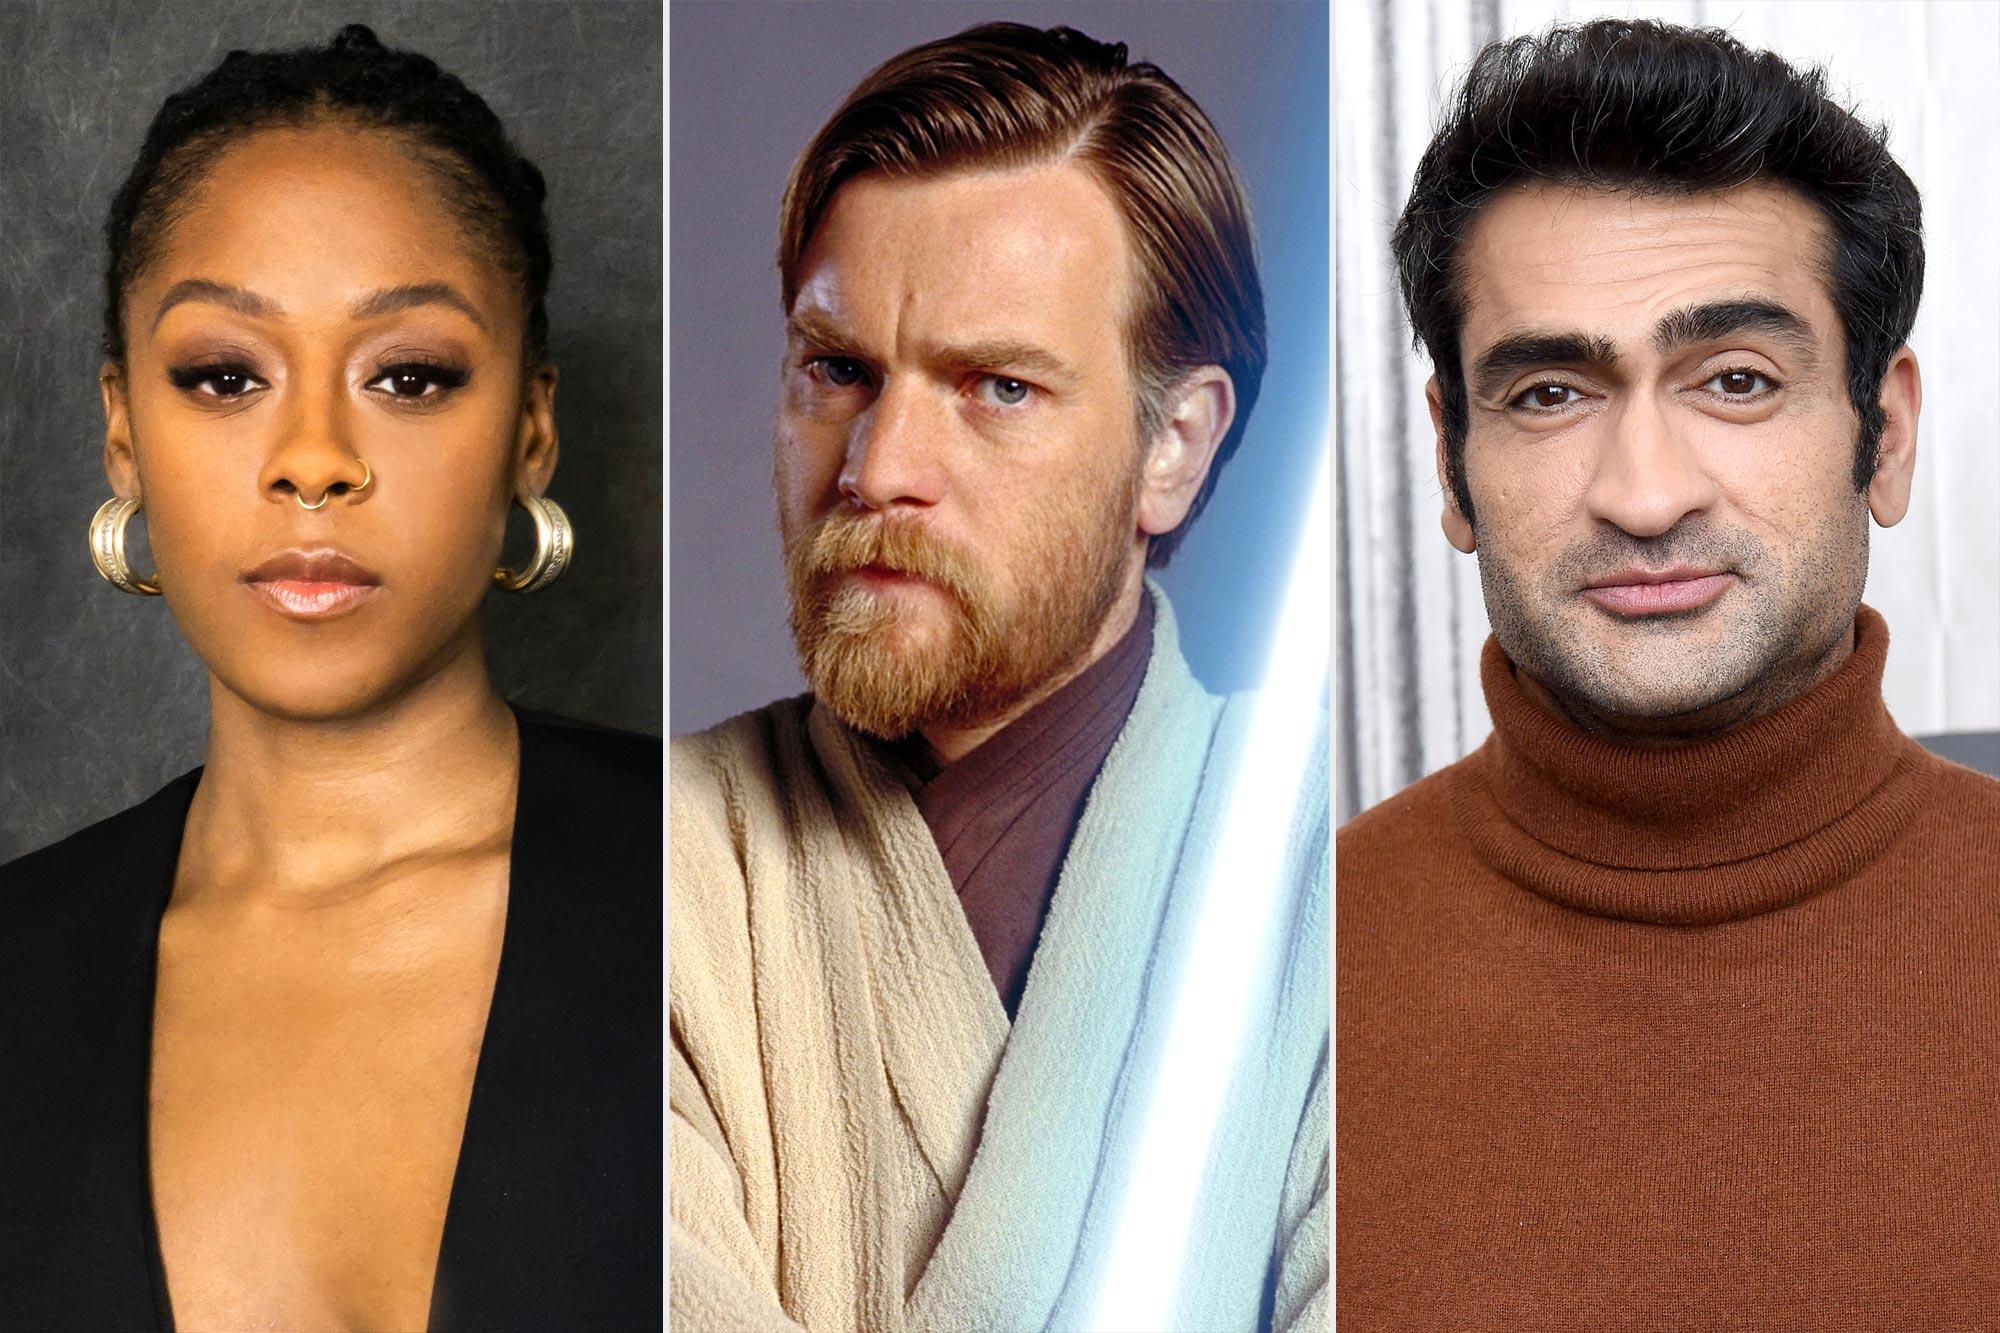 Kenobi casting